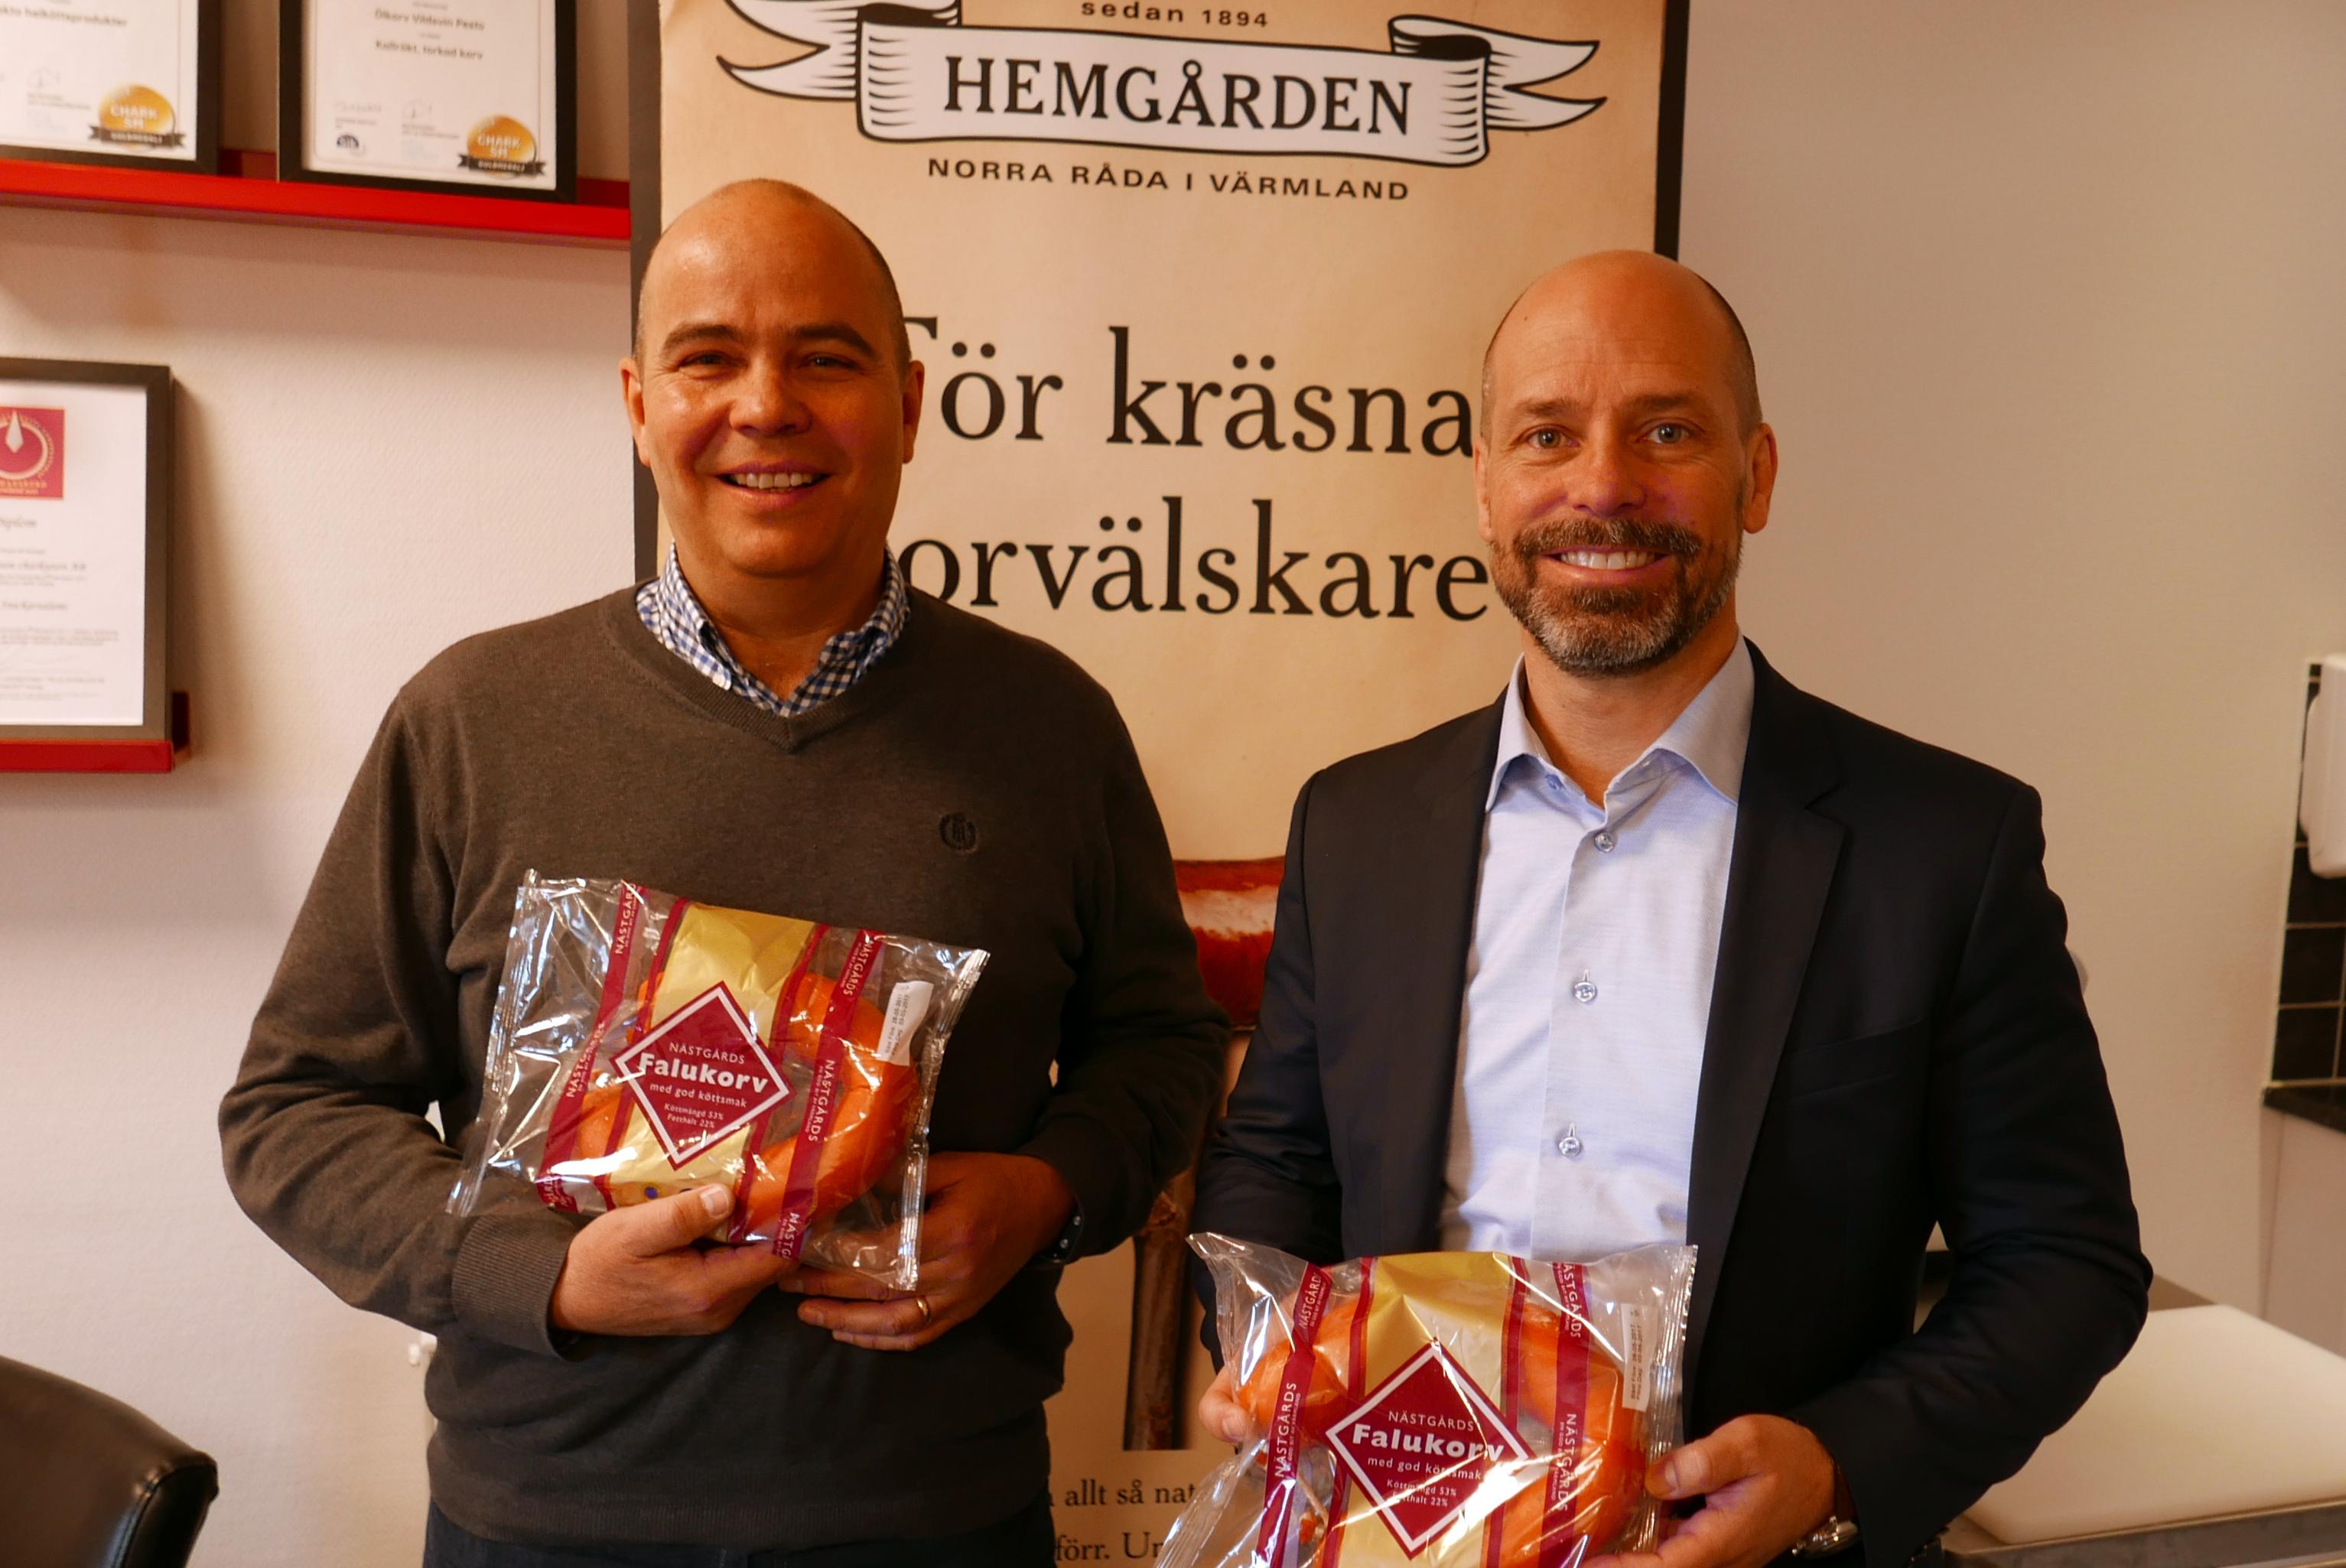 4 år tillsammans present Konsum Värmland får ny charktillverkare   Fri Köpenskap 4 år tillsammans present